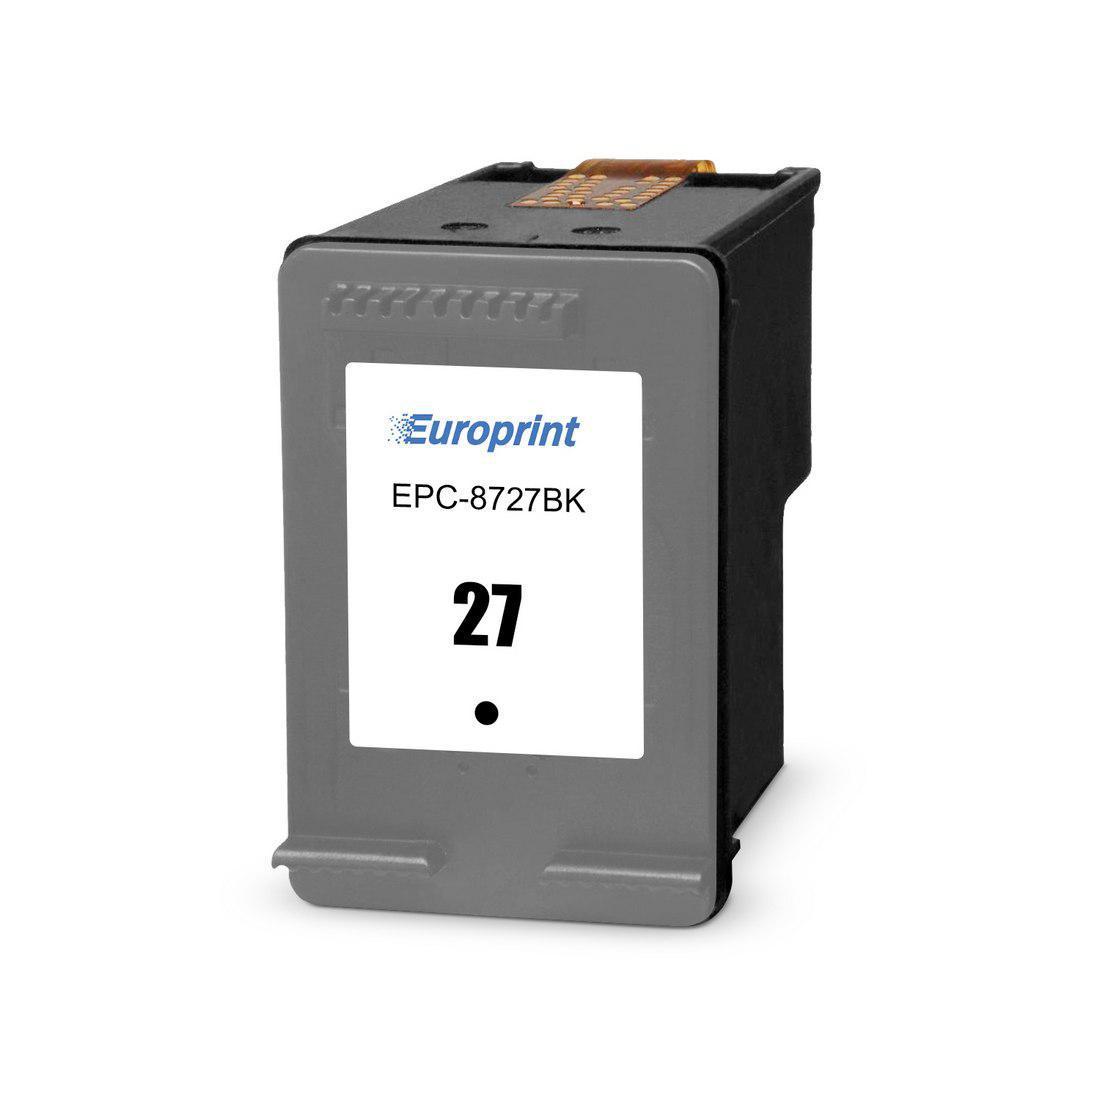 Картридж Europrint EPC-8727BK №27